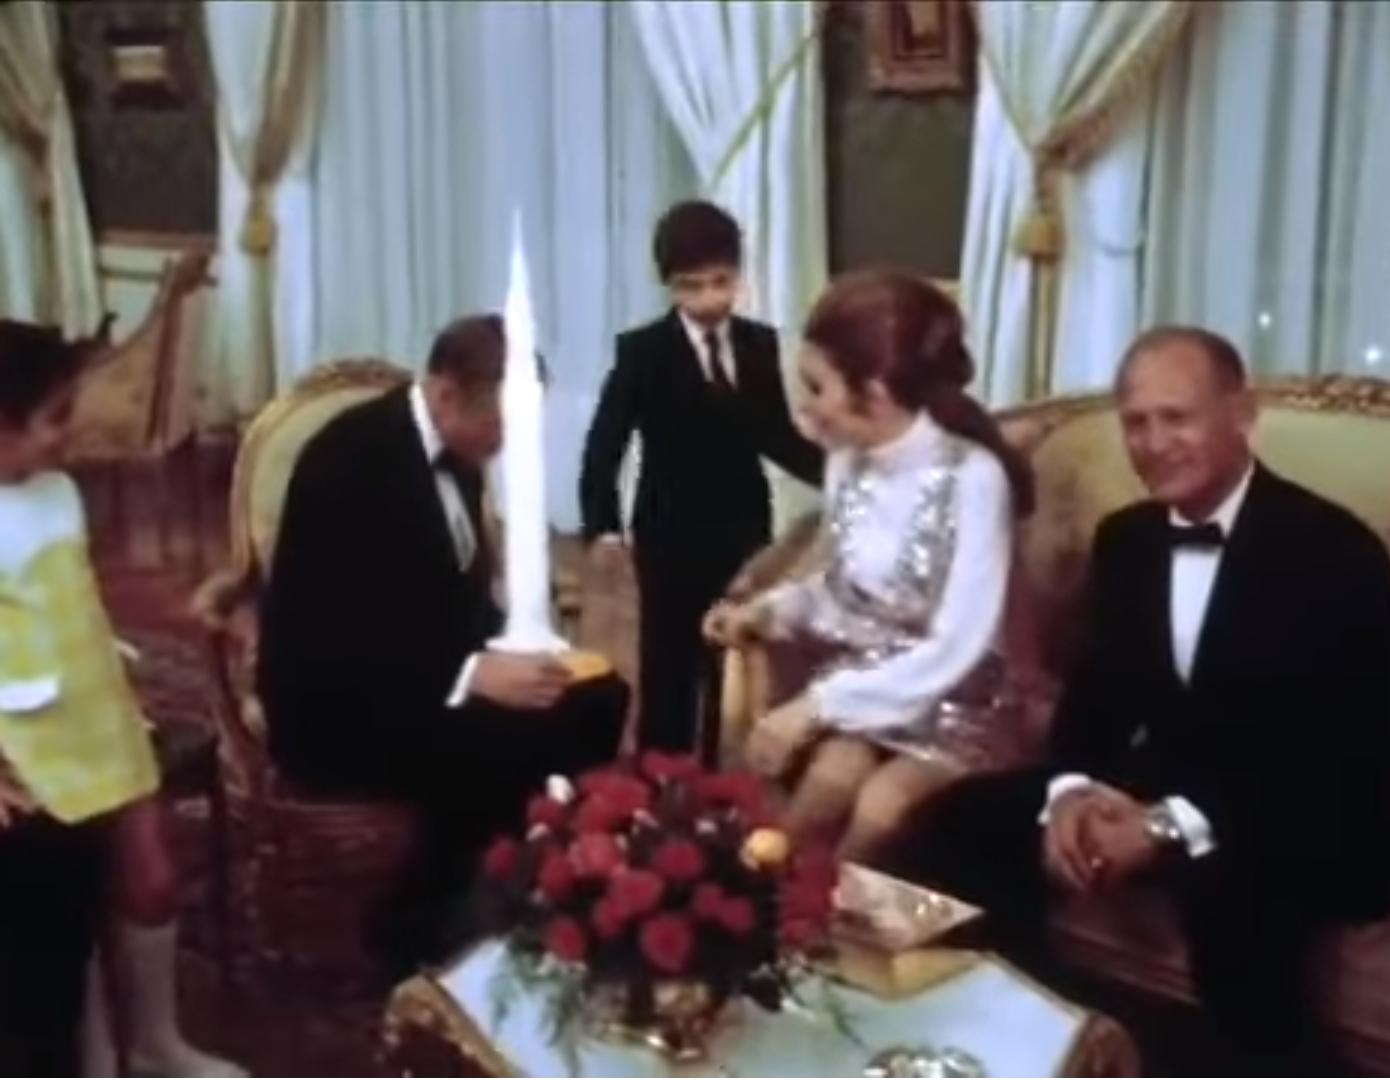 ملاقات با خانوادهی سلطنتی (همسران سه فضانورد هم حضور داشتند)